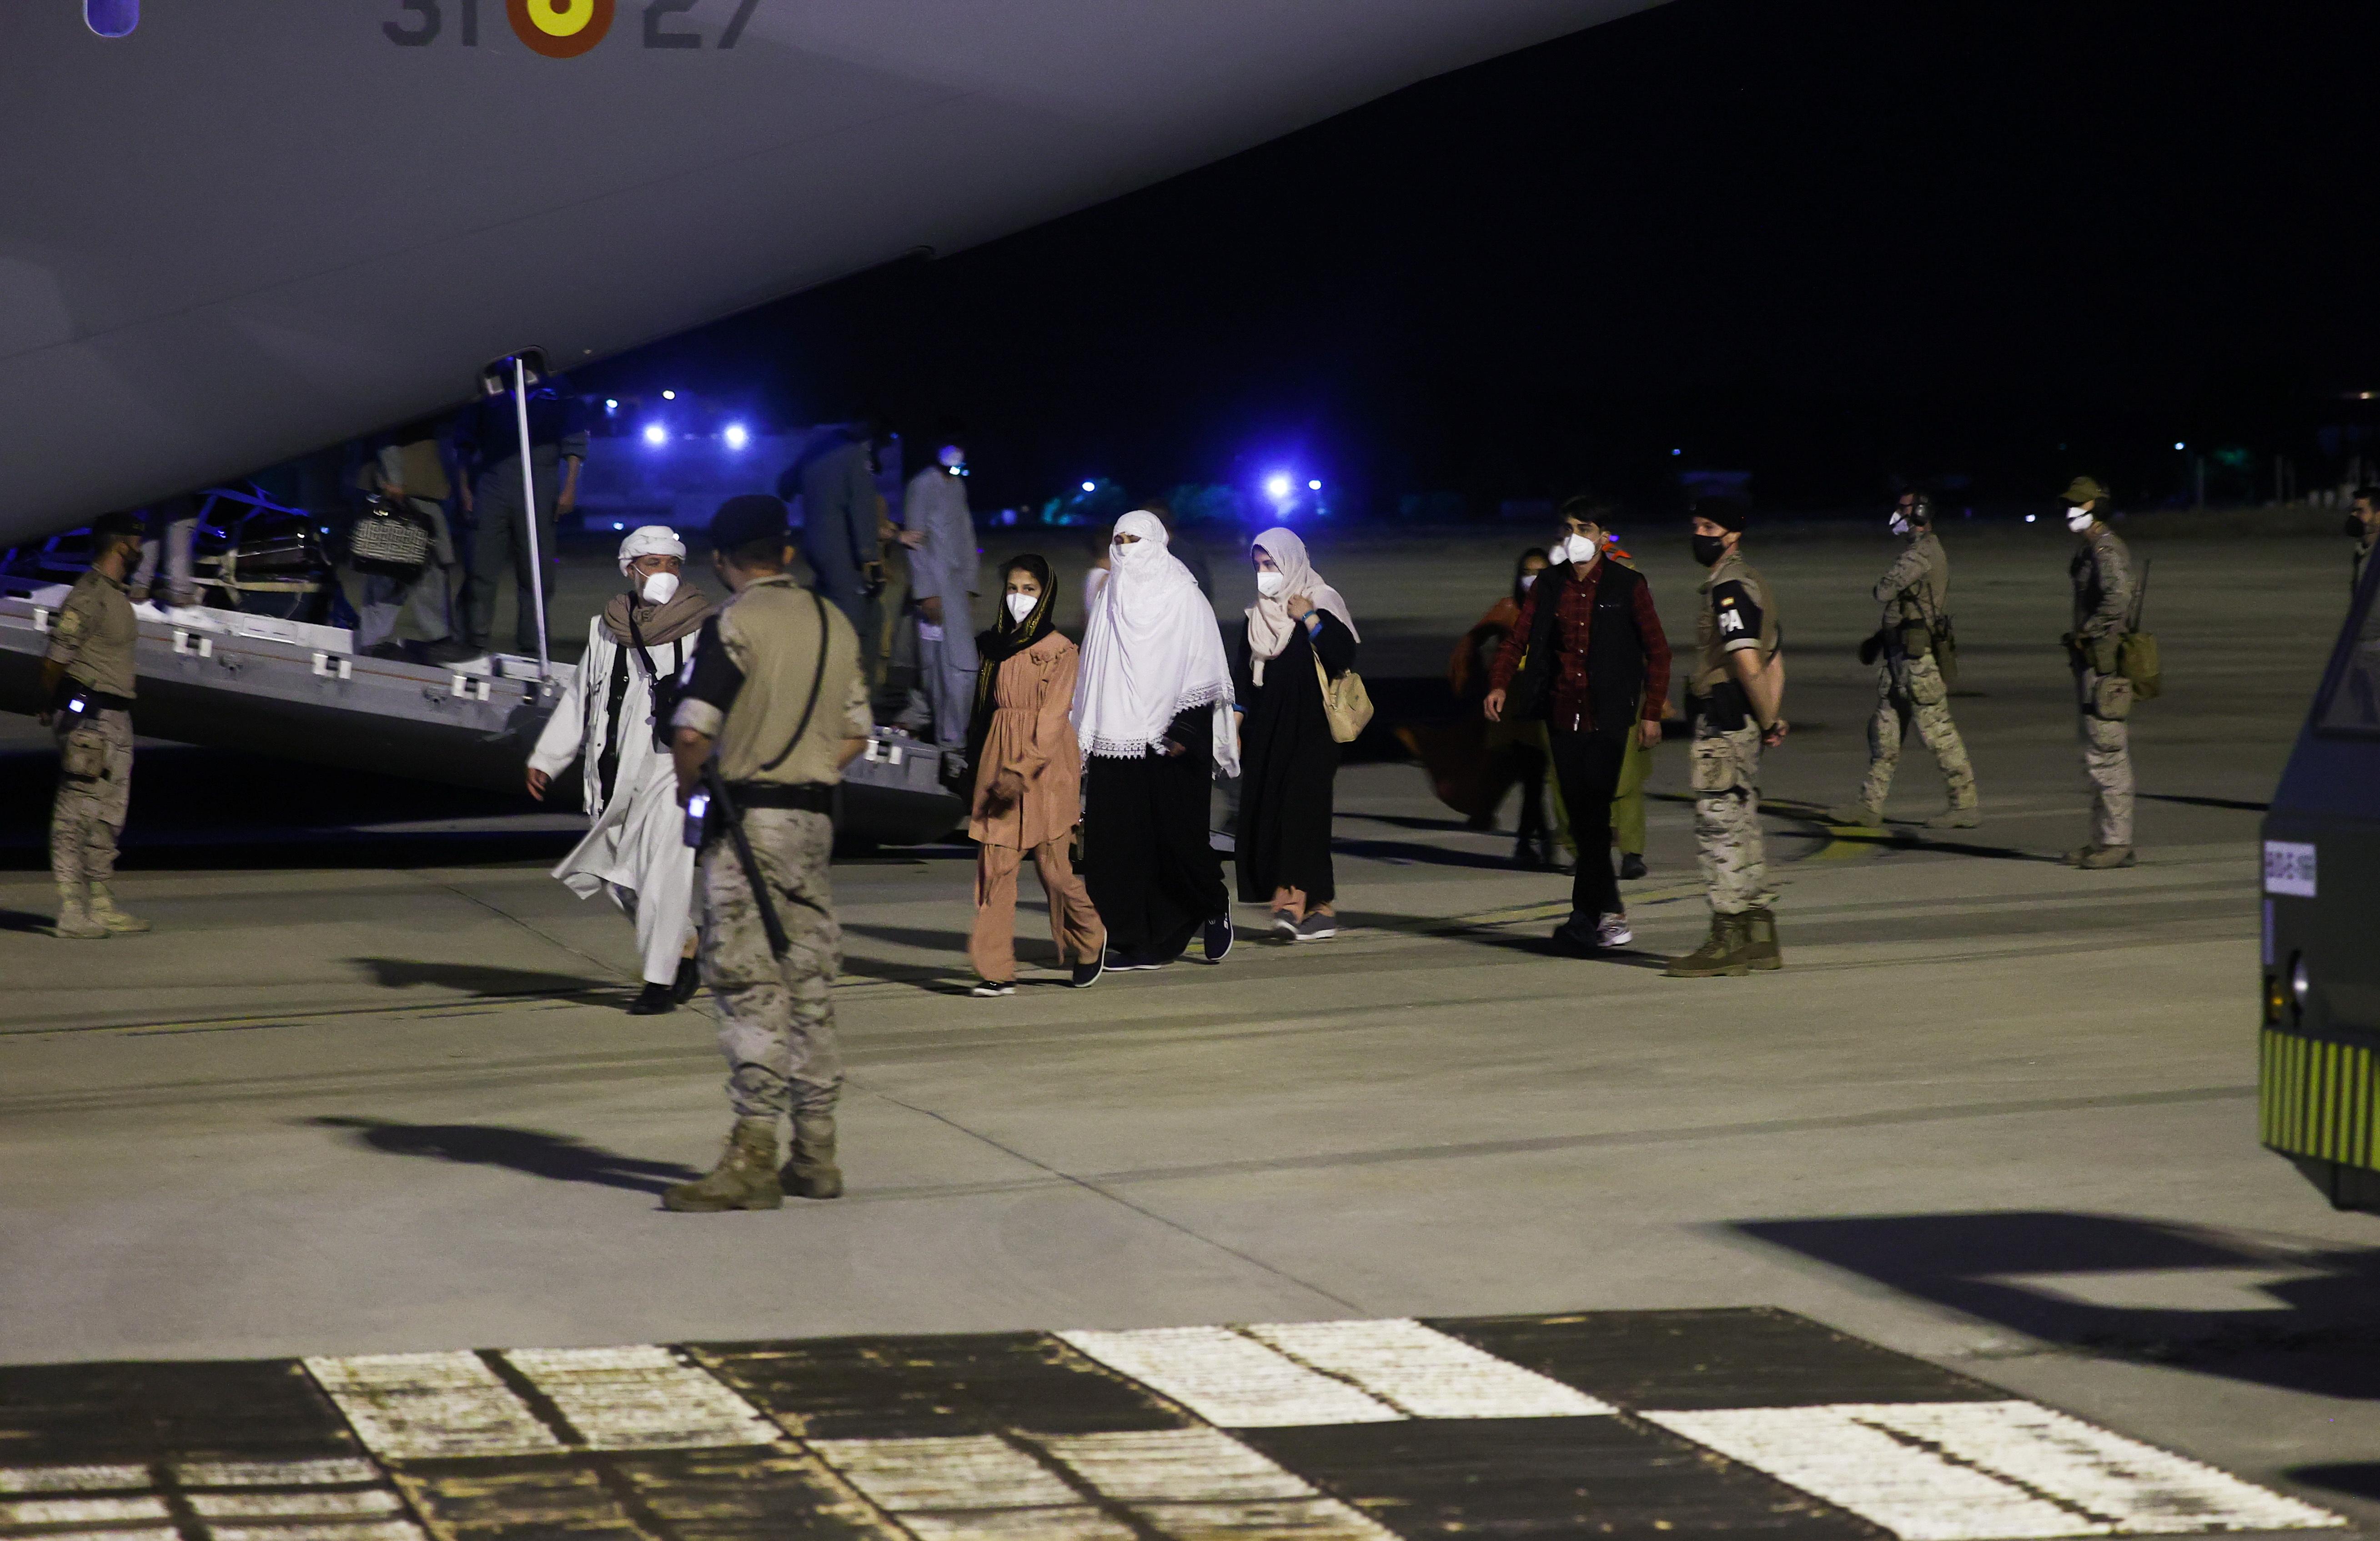 从喀布尔撤离的西班牙和阿富汗公民于 19 年 2021 月 XNUMX 日抵达马德里郊外 Torrejon de Ardoz 的 Torrejon 空军基地。REUTERS/Juan Medina